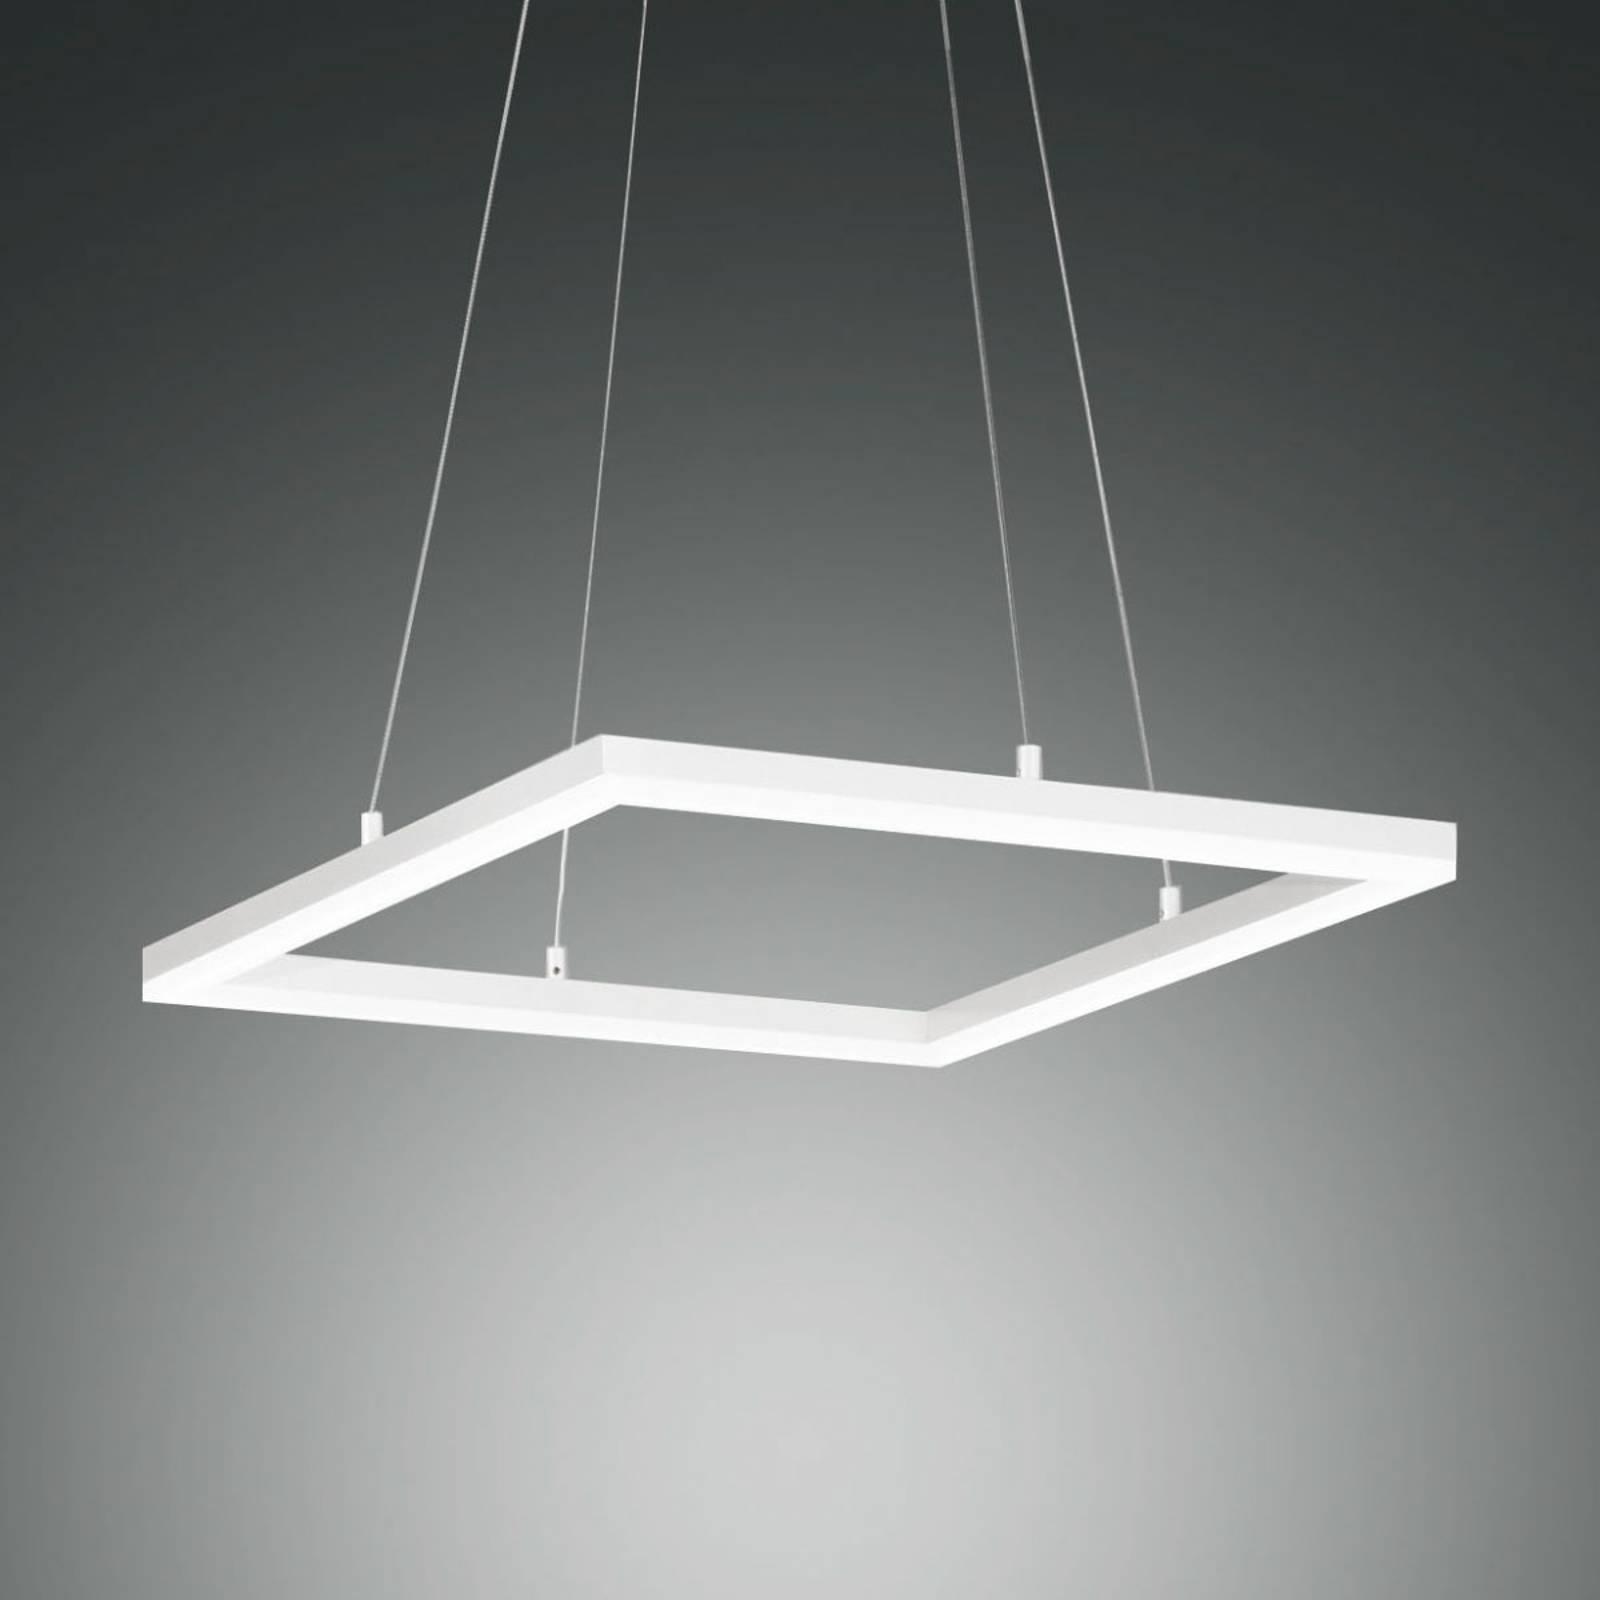 LED-Pendelleuchte Bard, 42x42cm in Weiß günstig online kaufen